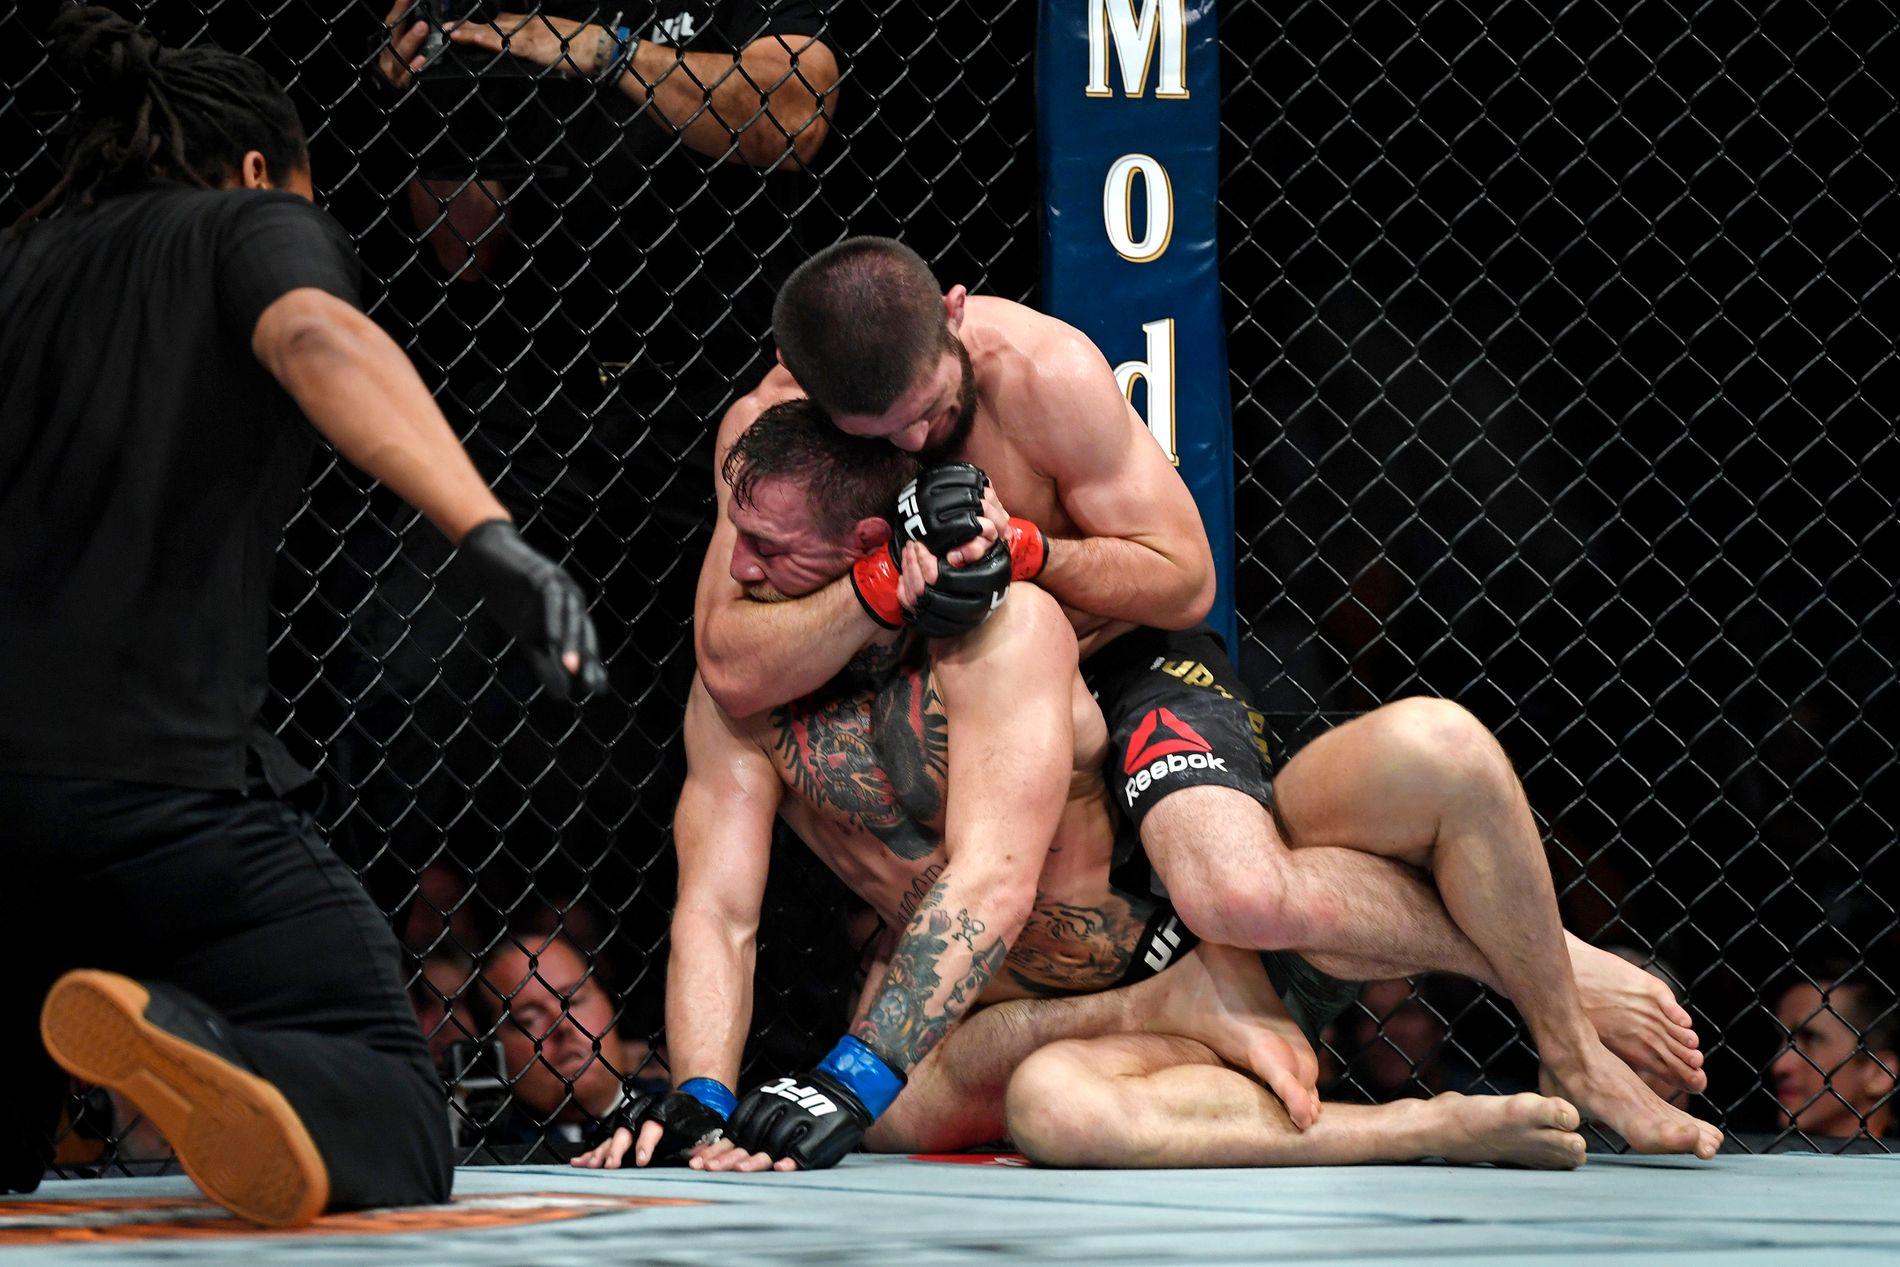 SKANDALE-KAMP: Russiske Khabib Nurmagomedov (30) vant MMA-oppgjøret mot irske Conor McGregor (30) lørdag, skandalescenene etterpå kan få store konsekvenser.